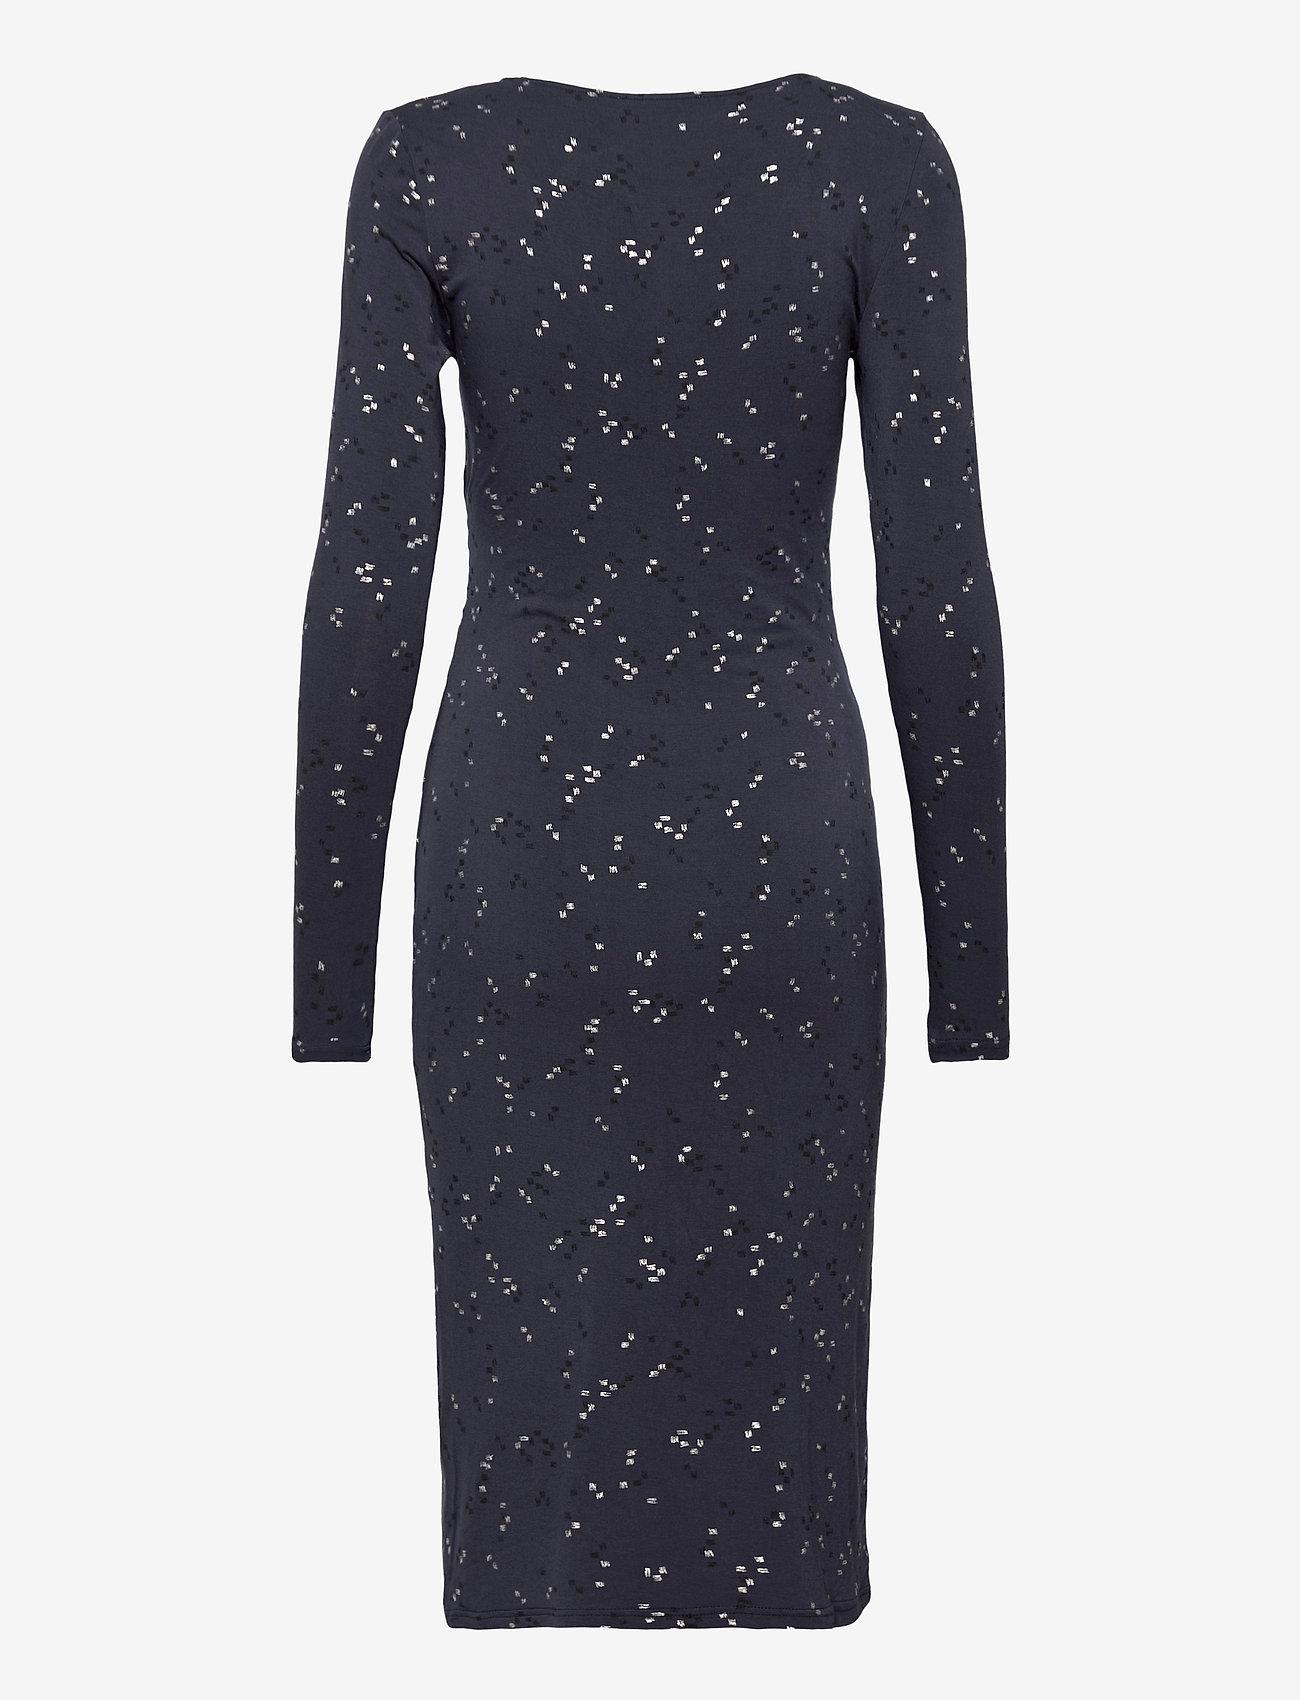 Rosemunde - Dress ls - vardagsklänningar - blue square print - 1